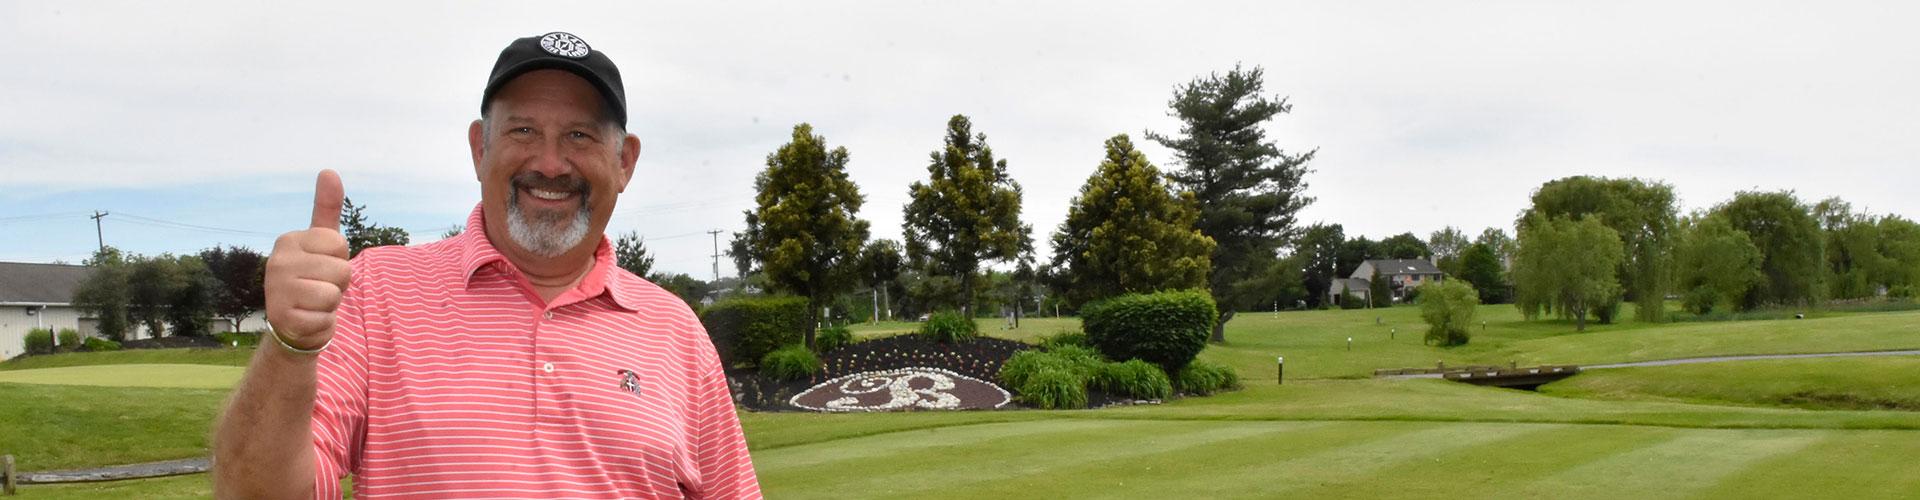 SPIN Golf Event Slider Image 1